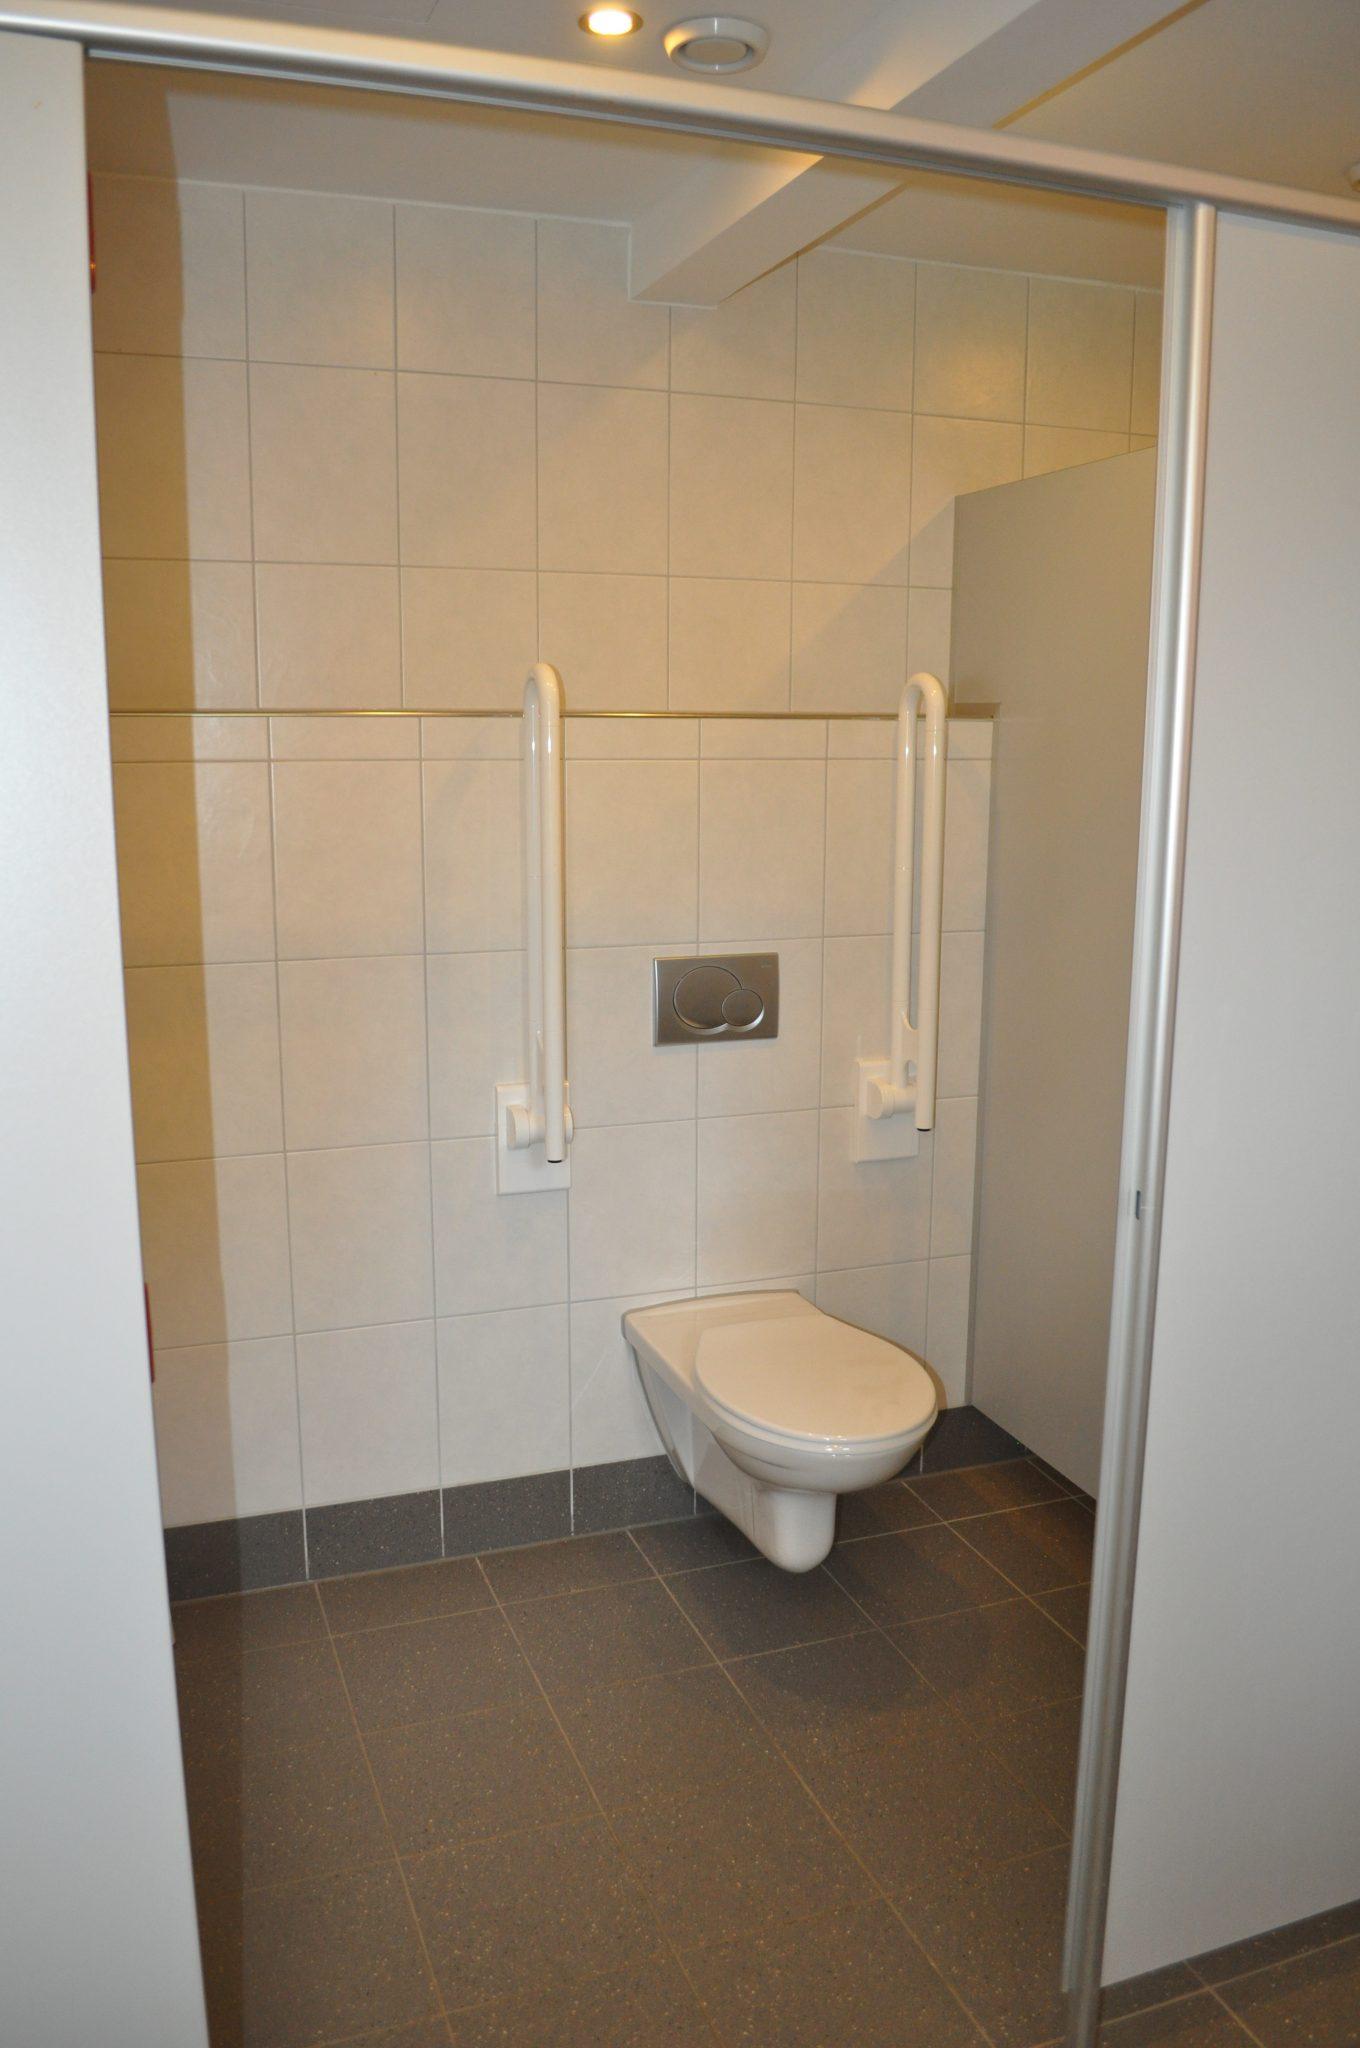 Toilette EG Jungen, Behindertengerechte Toilette